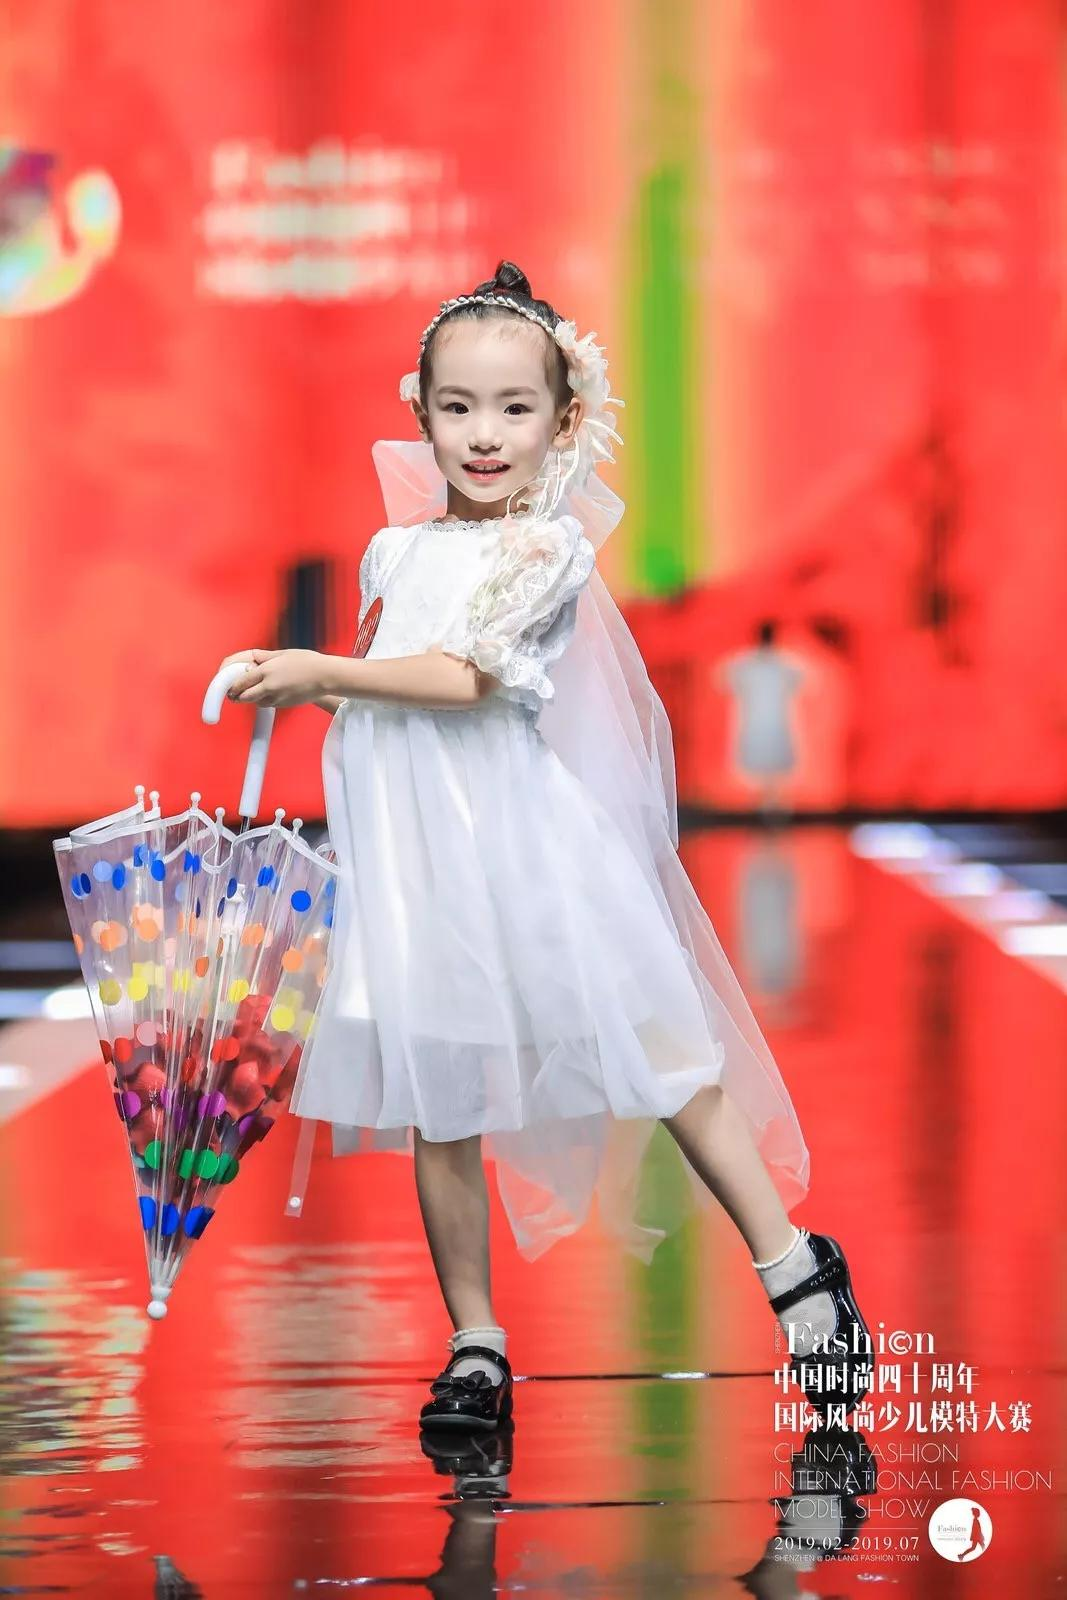 国际风尚 | 2019国际风尚少儿模特大赛opal组冠军——